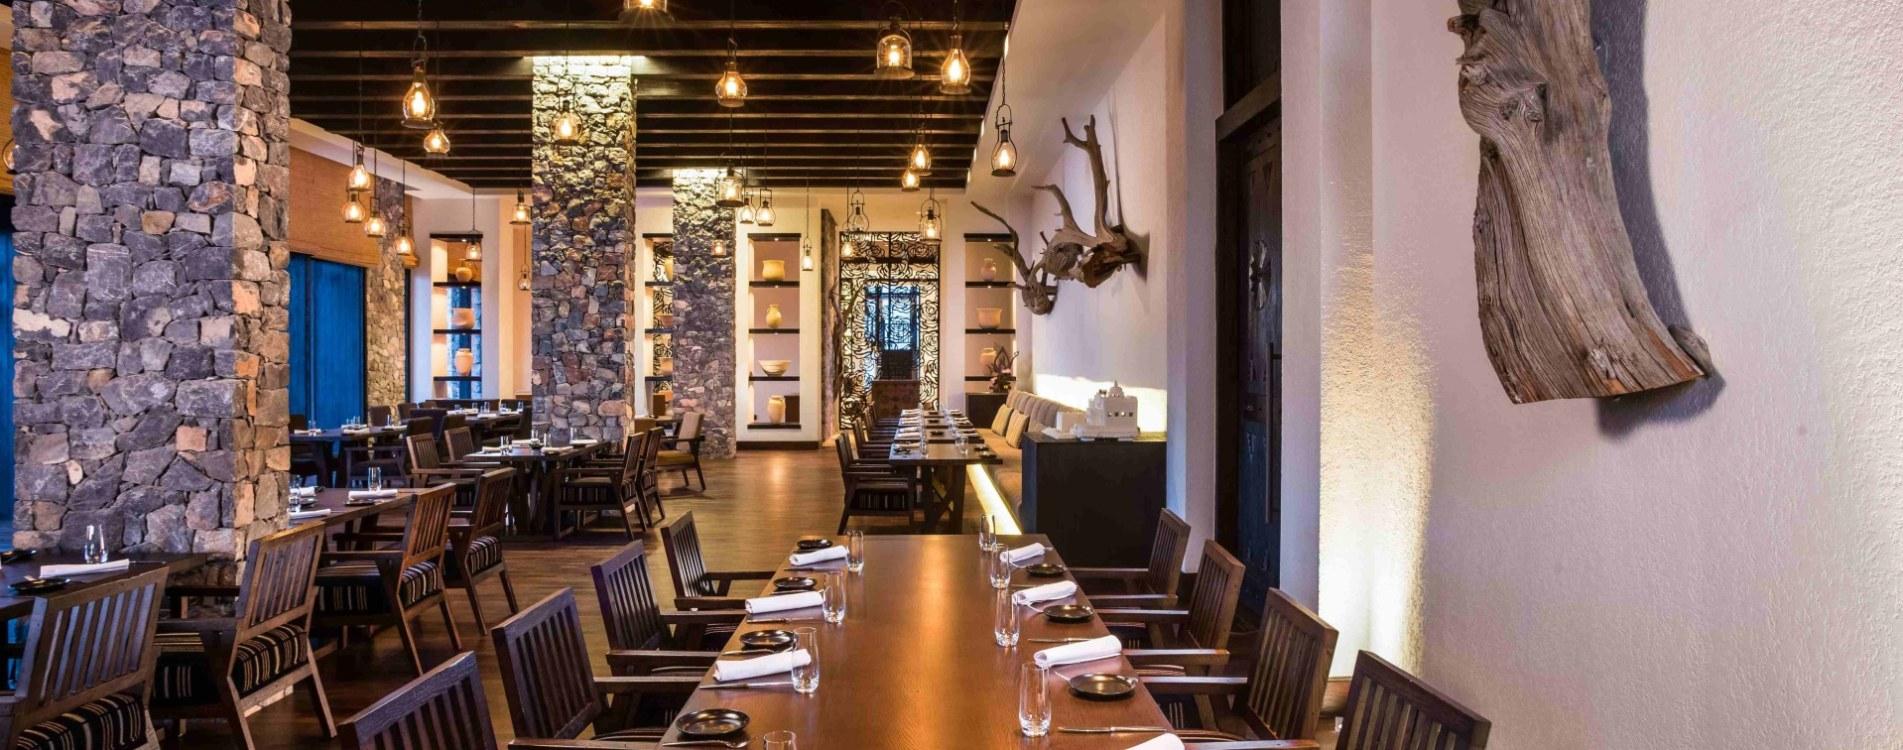 Alila-Jabal-Akhdar-Restaurant-Juniper-Interior-Design-Oman.jpg